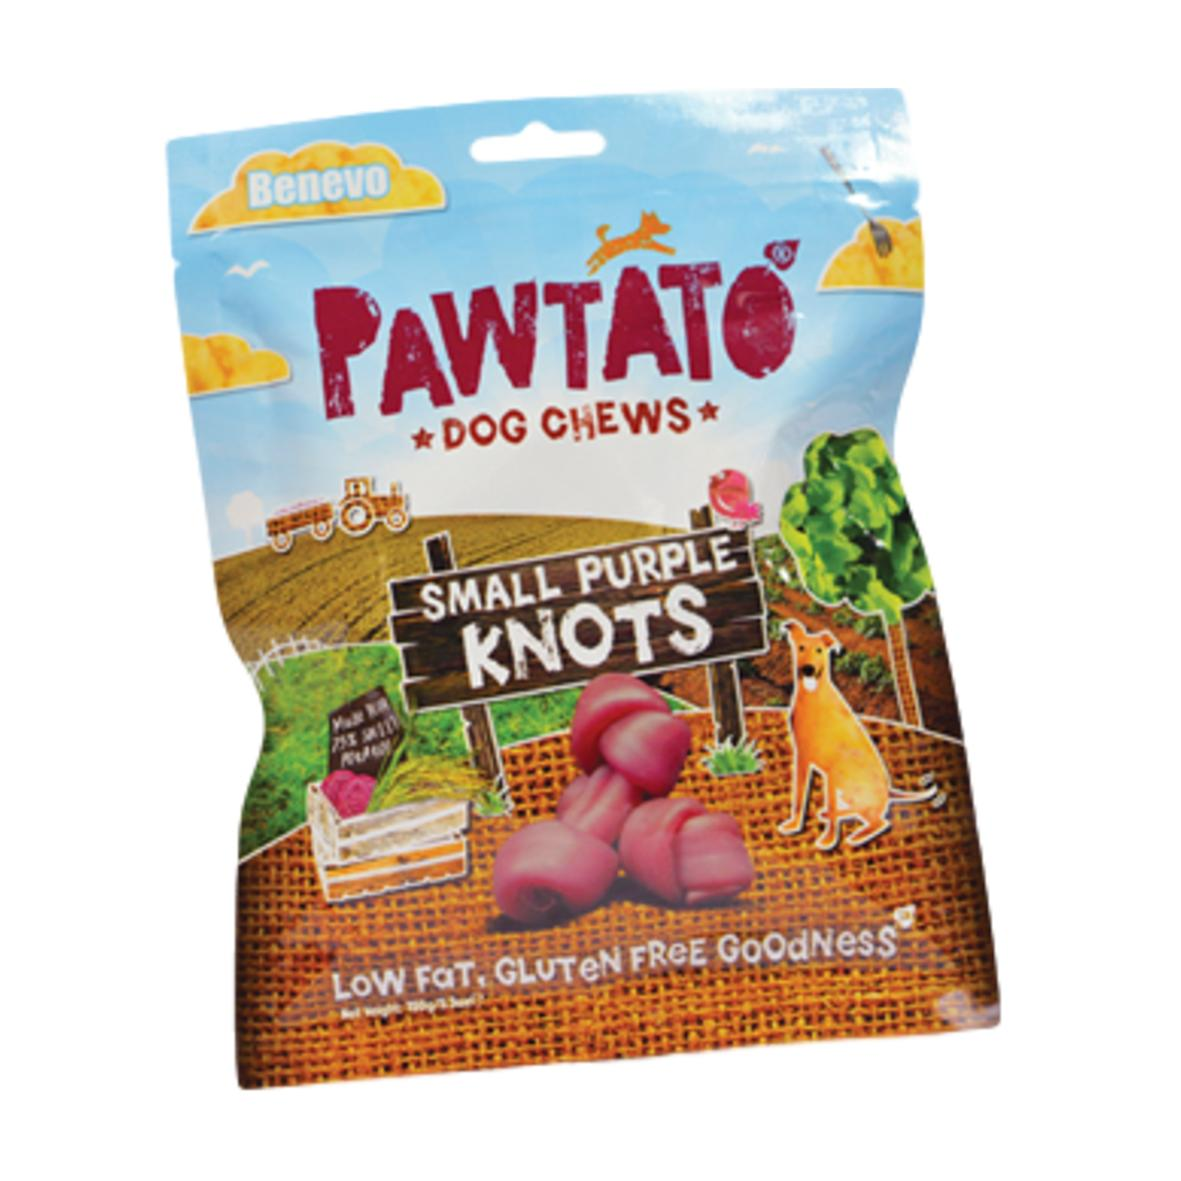 Pawtato Small Purple Knots 150gm (Wheat Gluten Free)